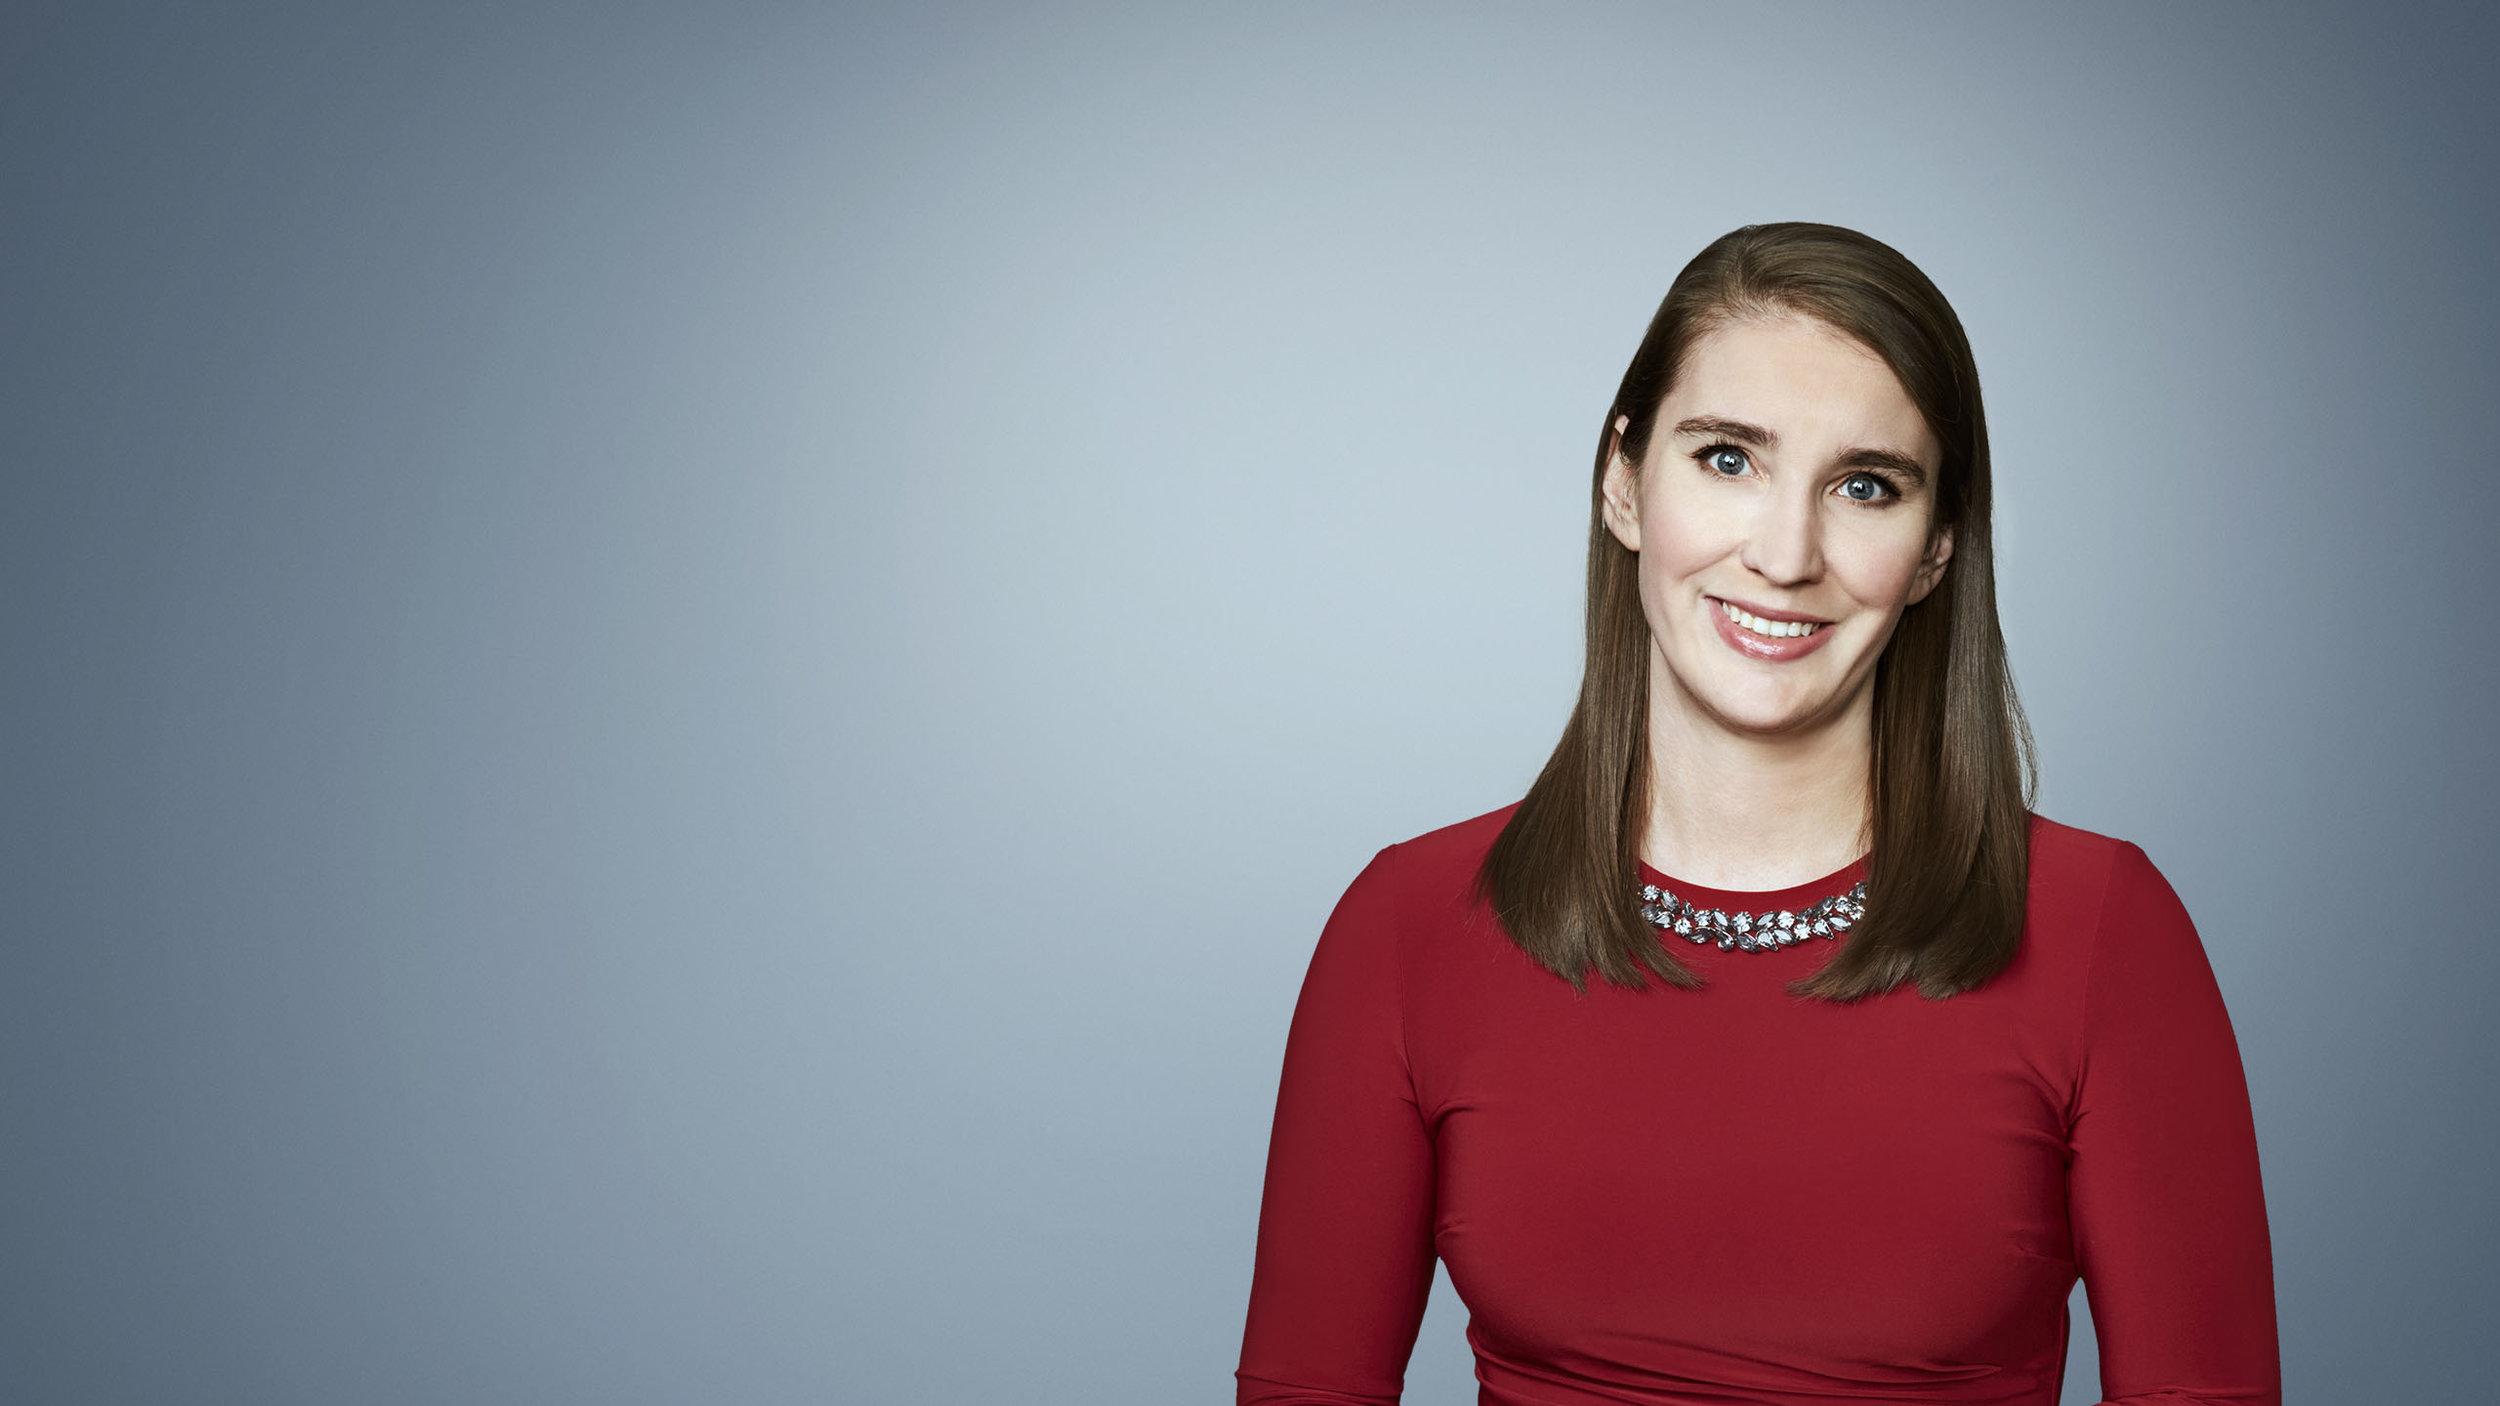 Meg Wagner | Breaking News Editor, CNN